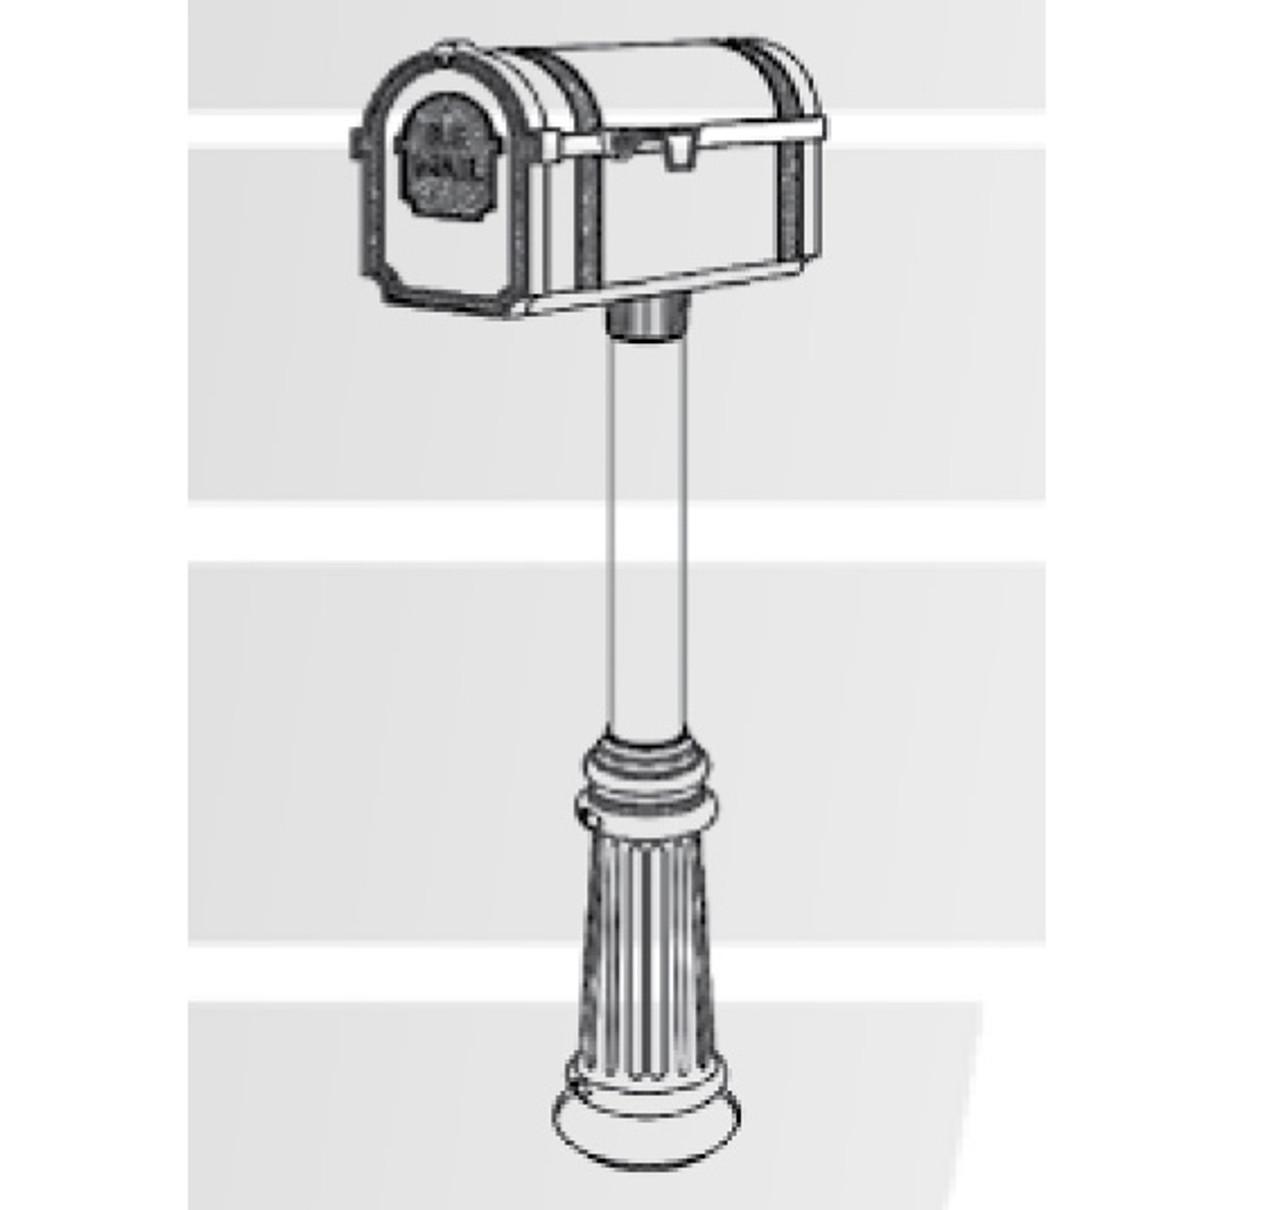 Hanover Lantern M60N Pine Valley Mailbox - Lighttrends